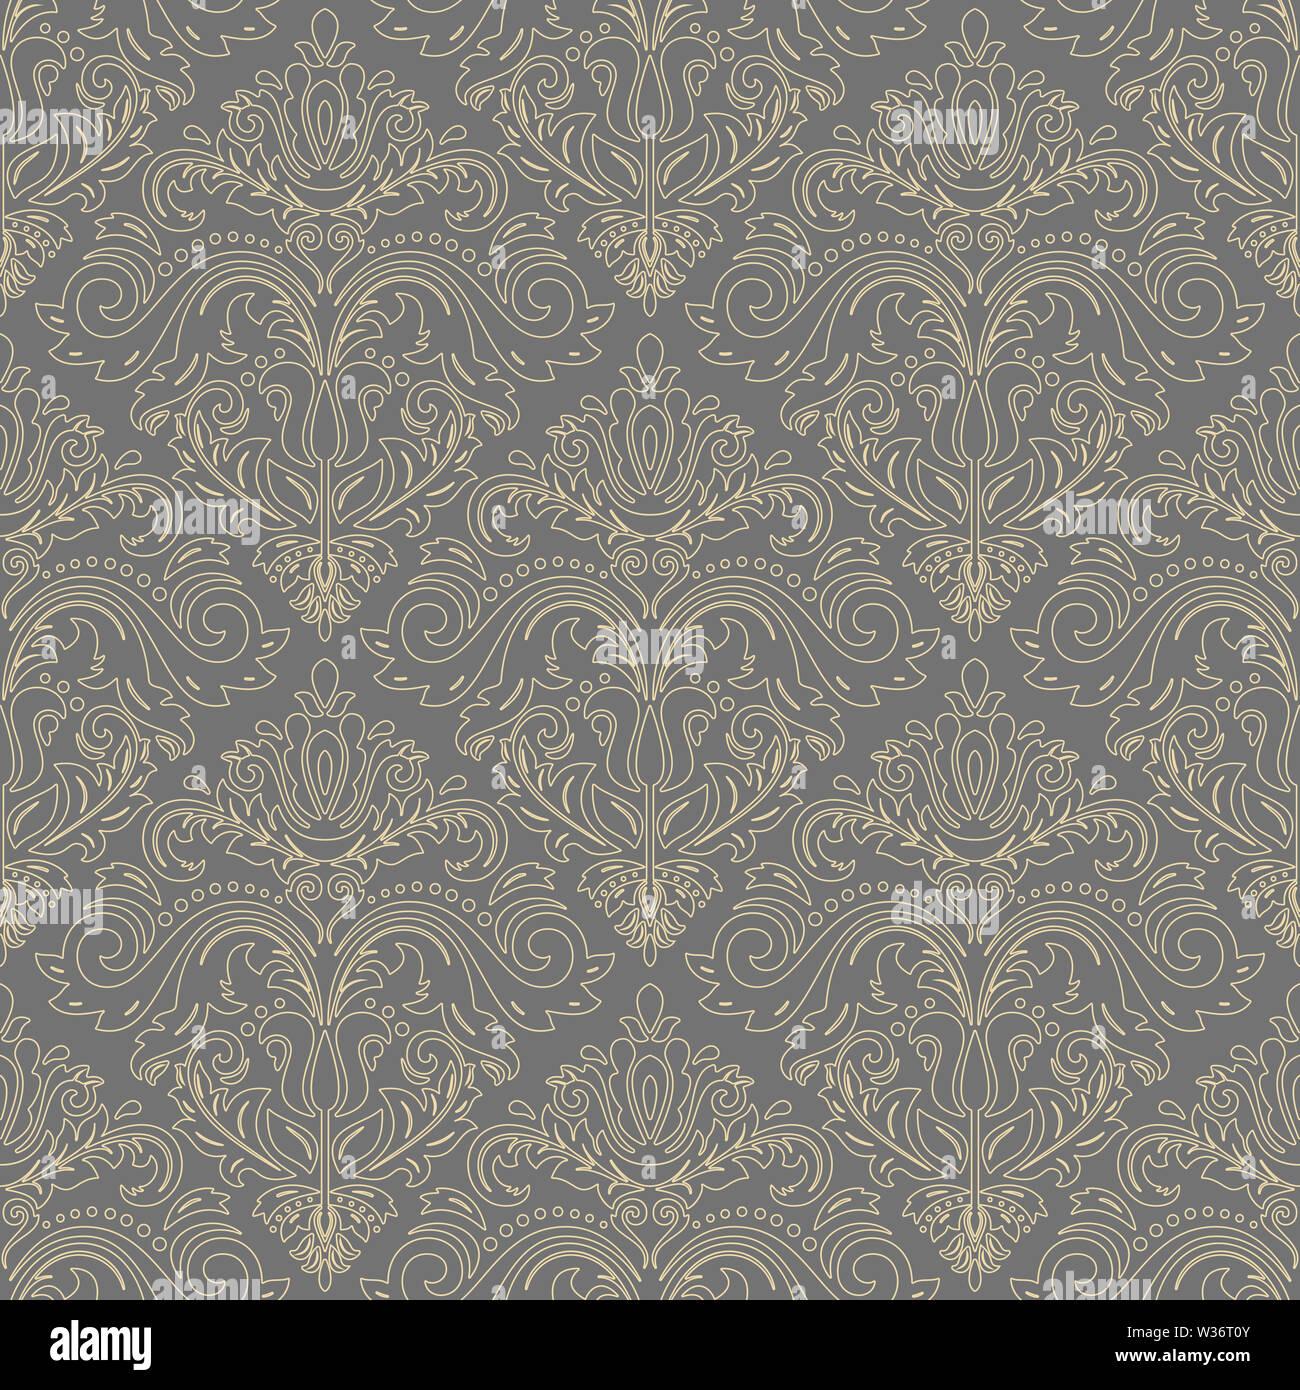 Classic Seamless Pattern - Stock Image